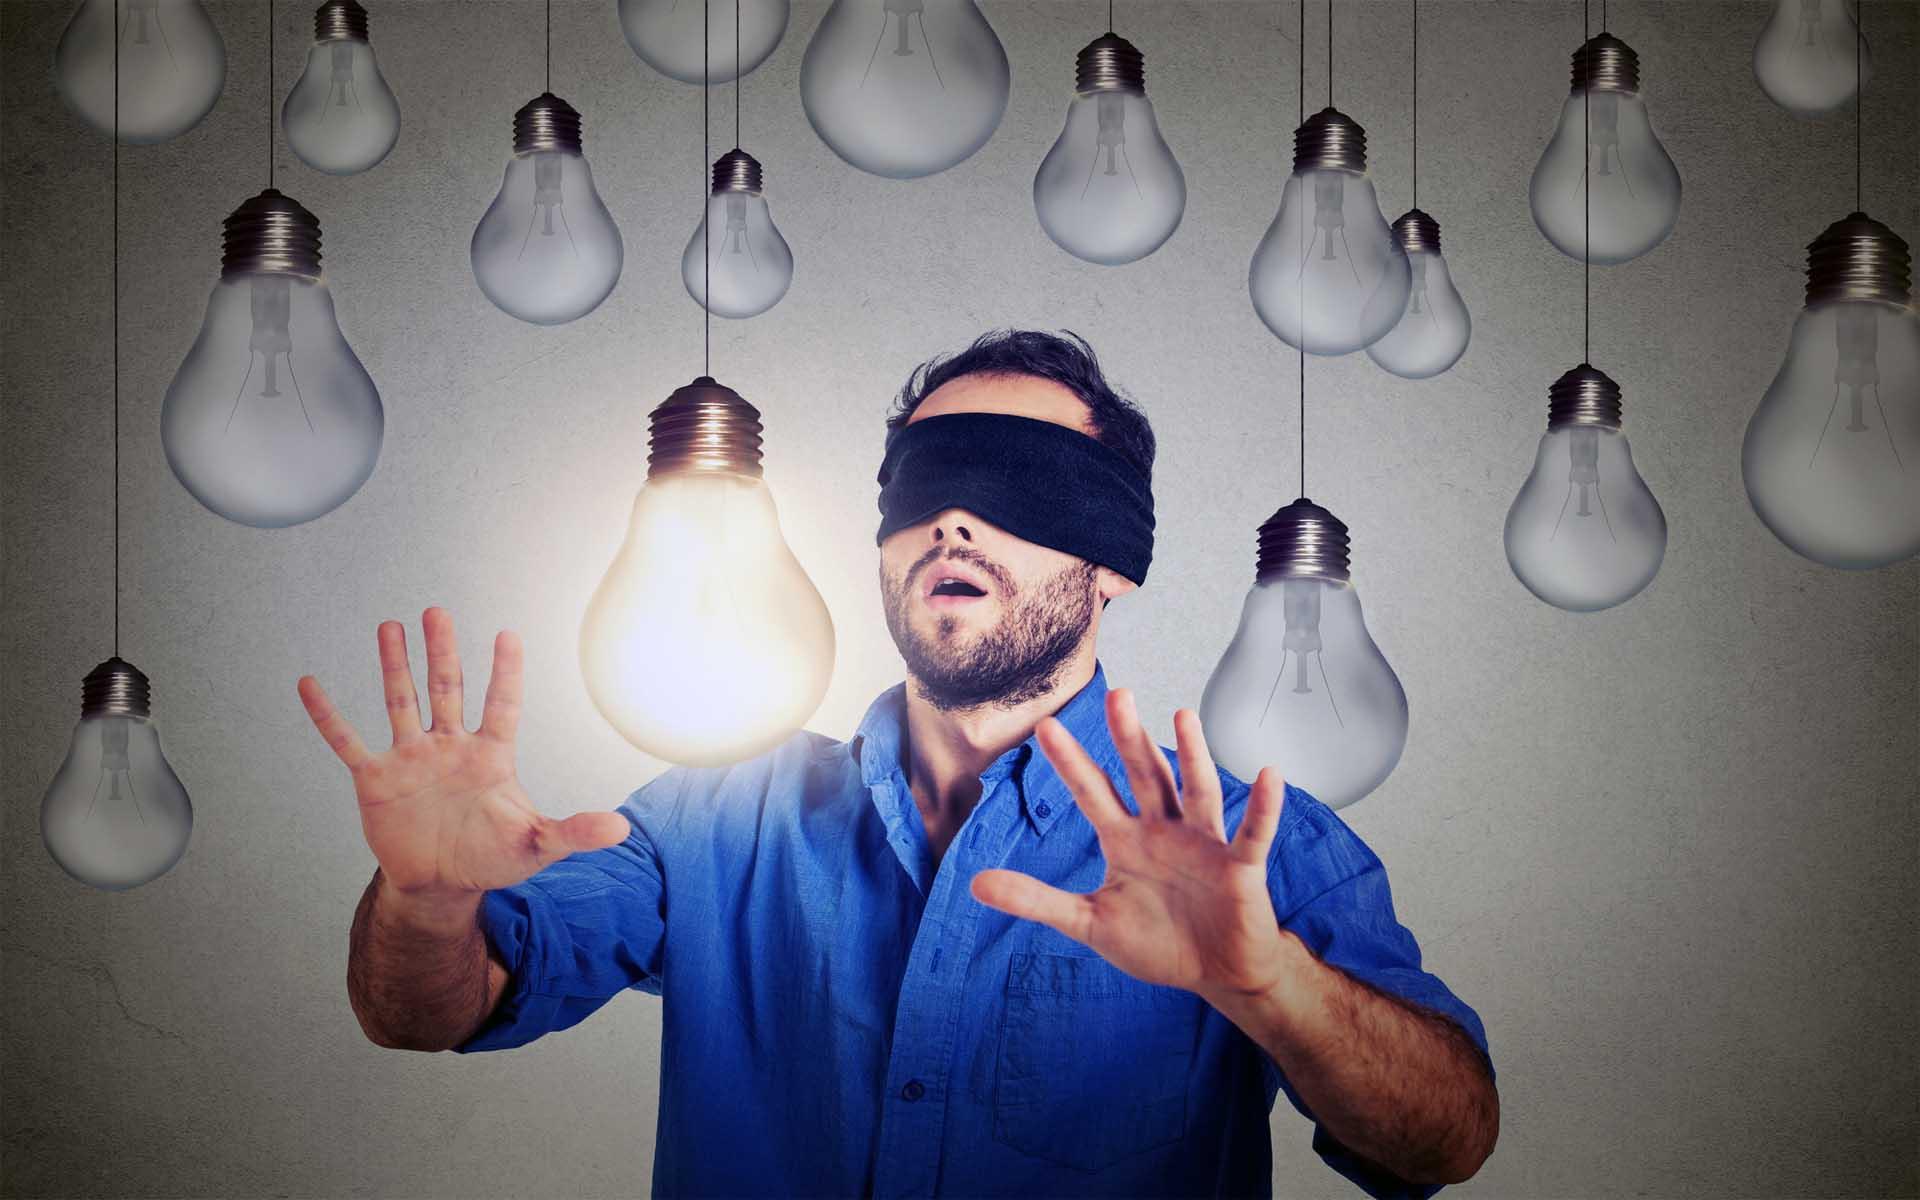 Практика развития интуиции «Знания или чувства»